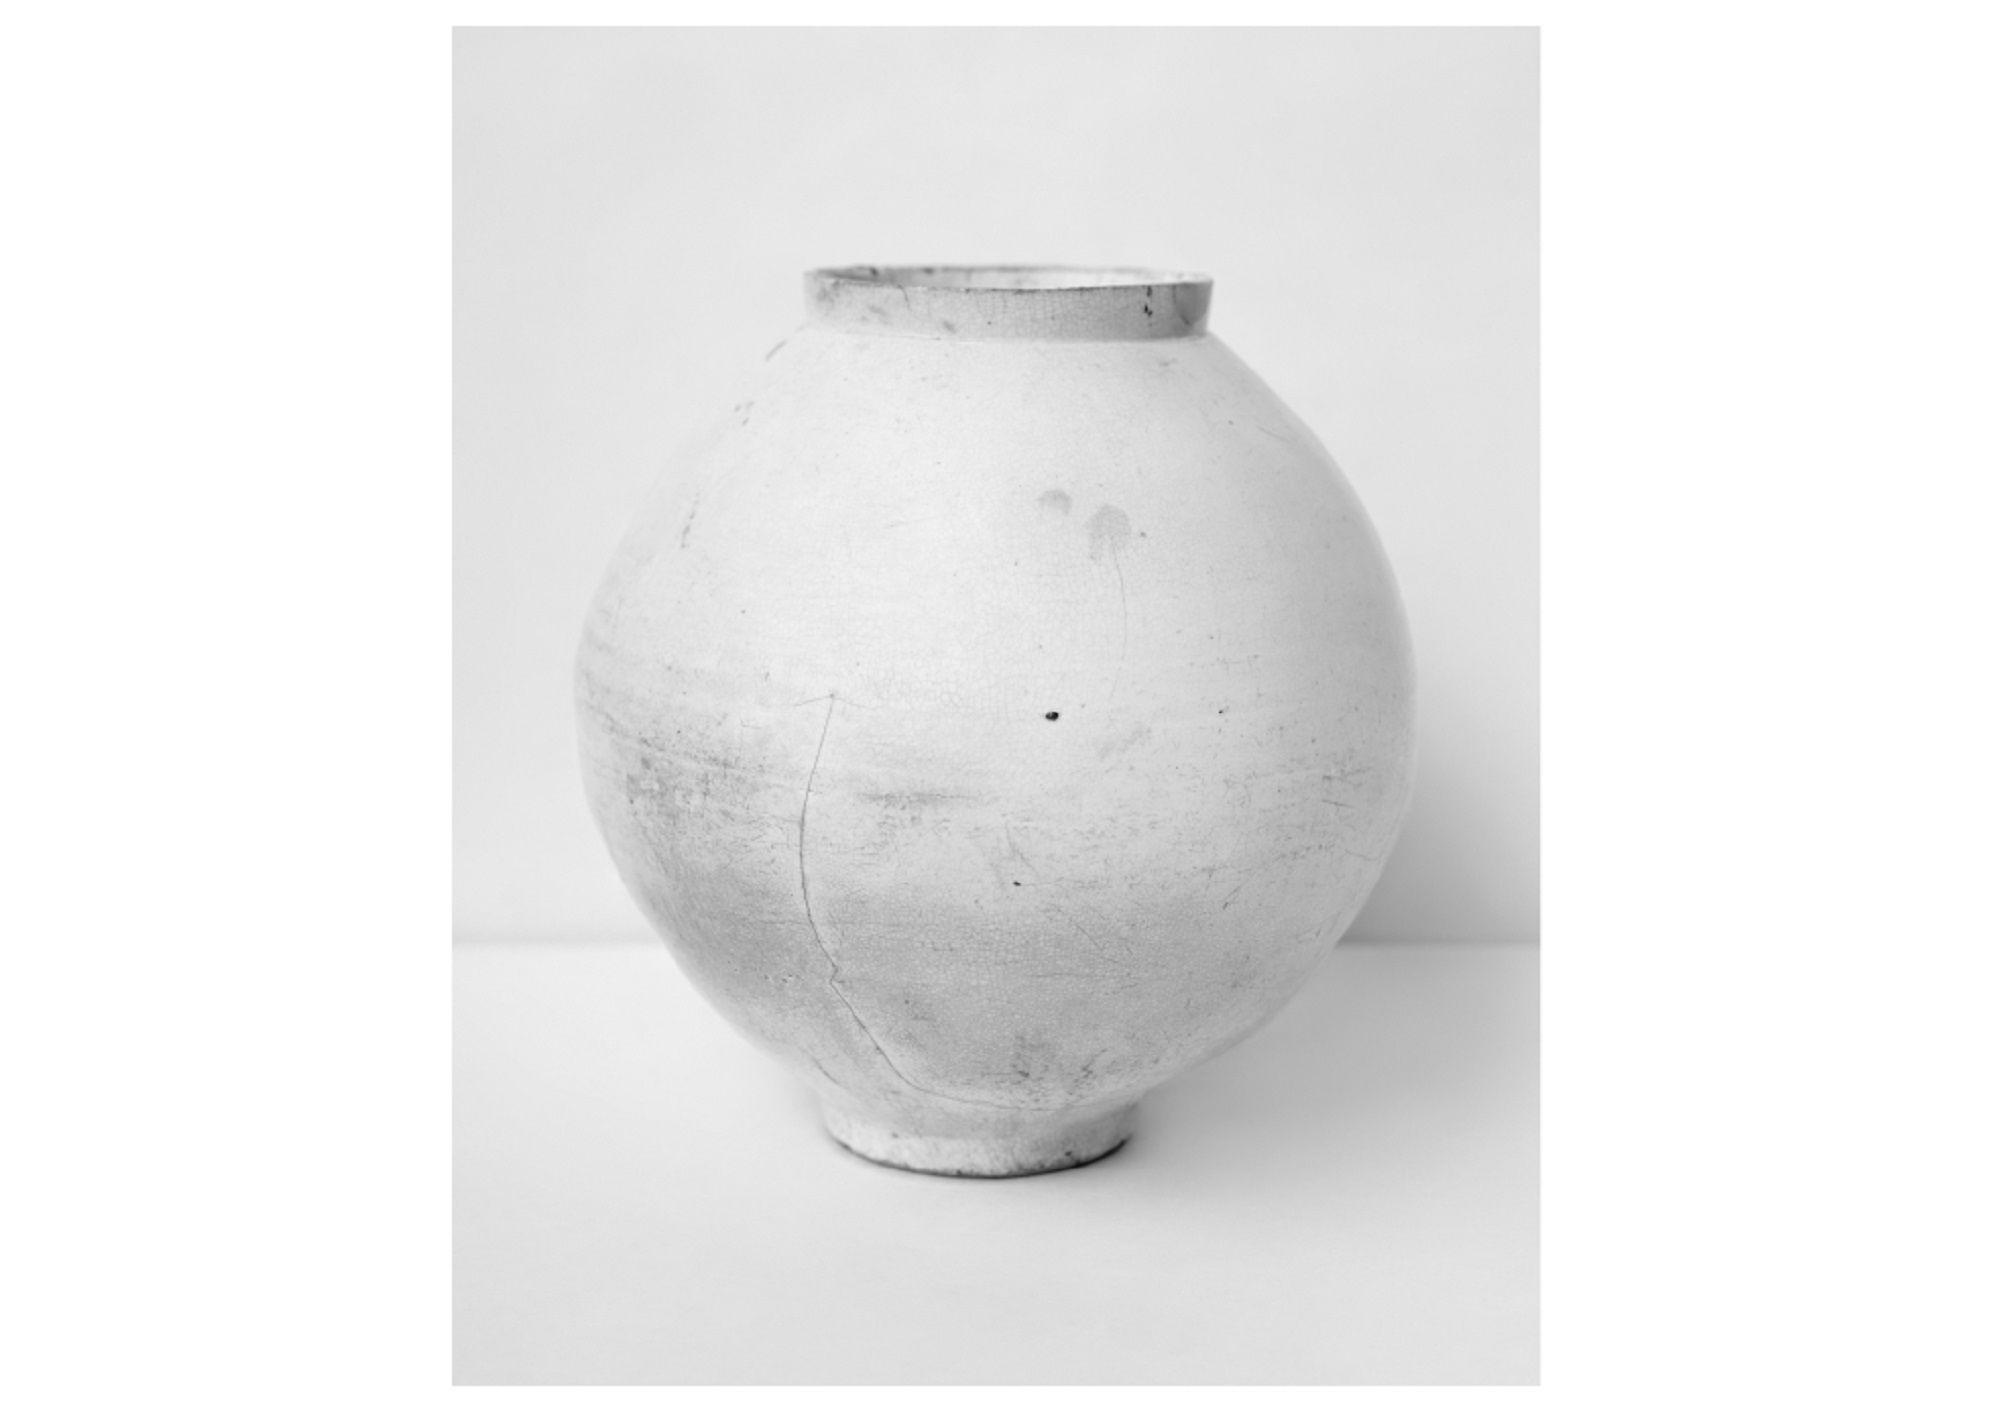 White Vessels © Koo Bohnchang